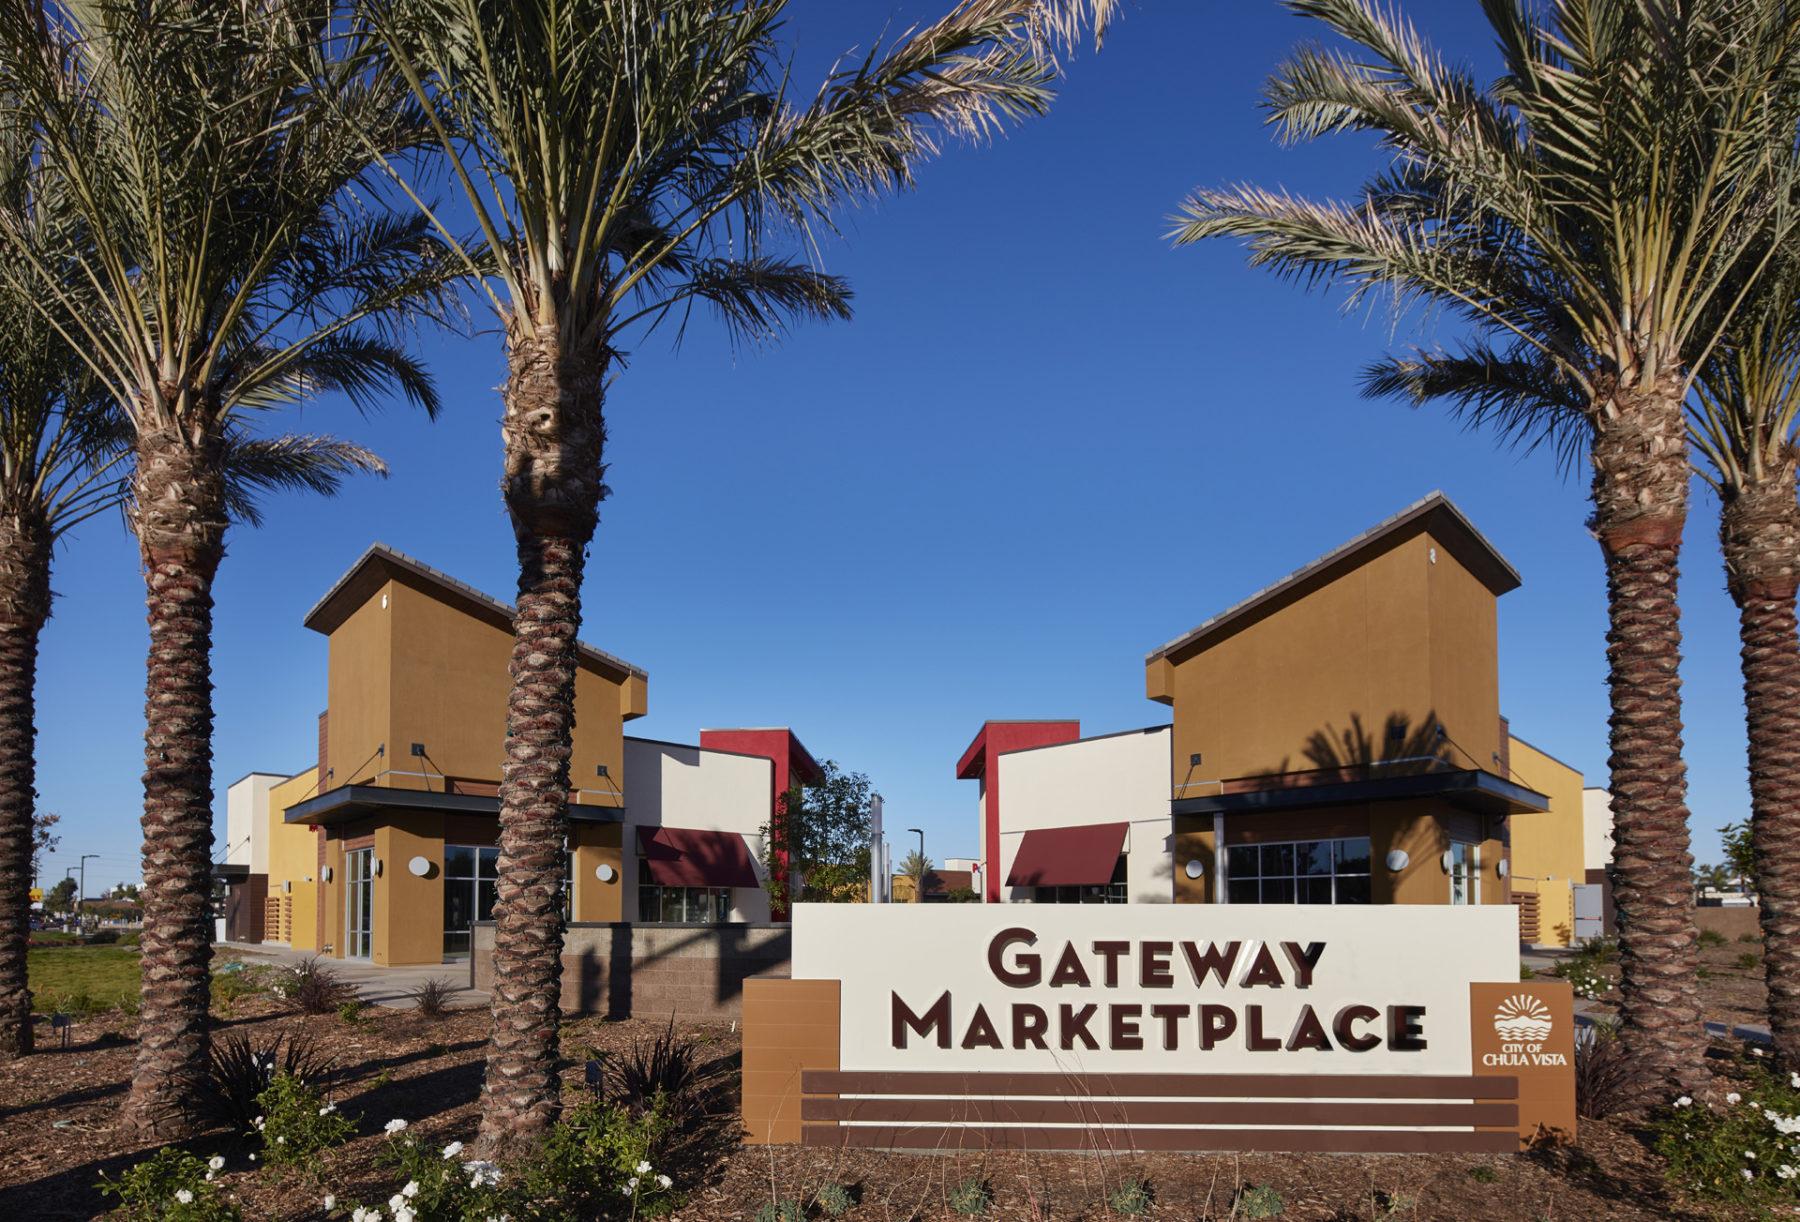 Demplsey Gateway Marketplace